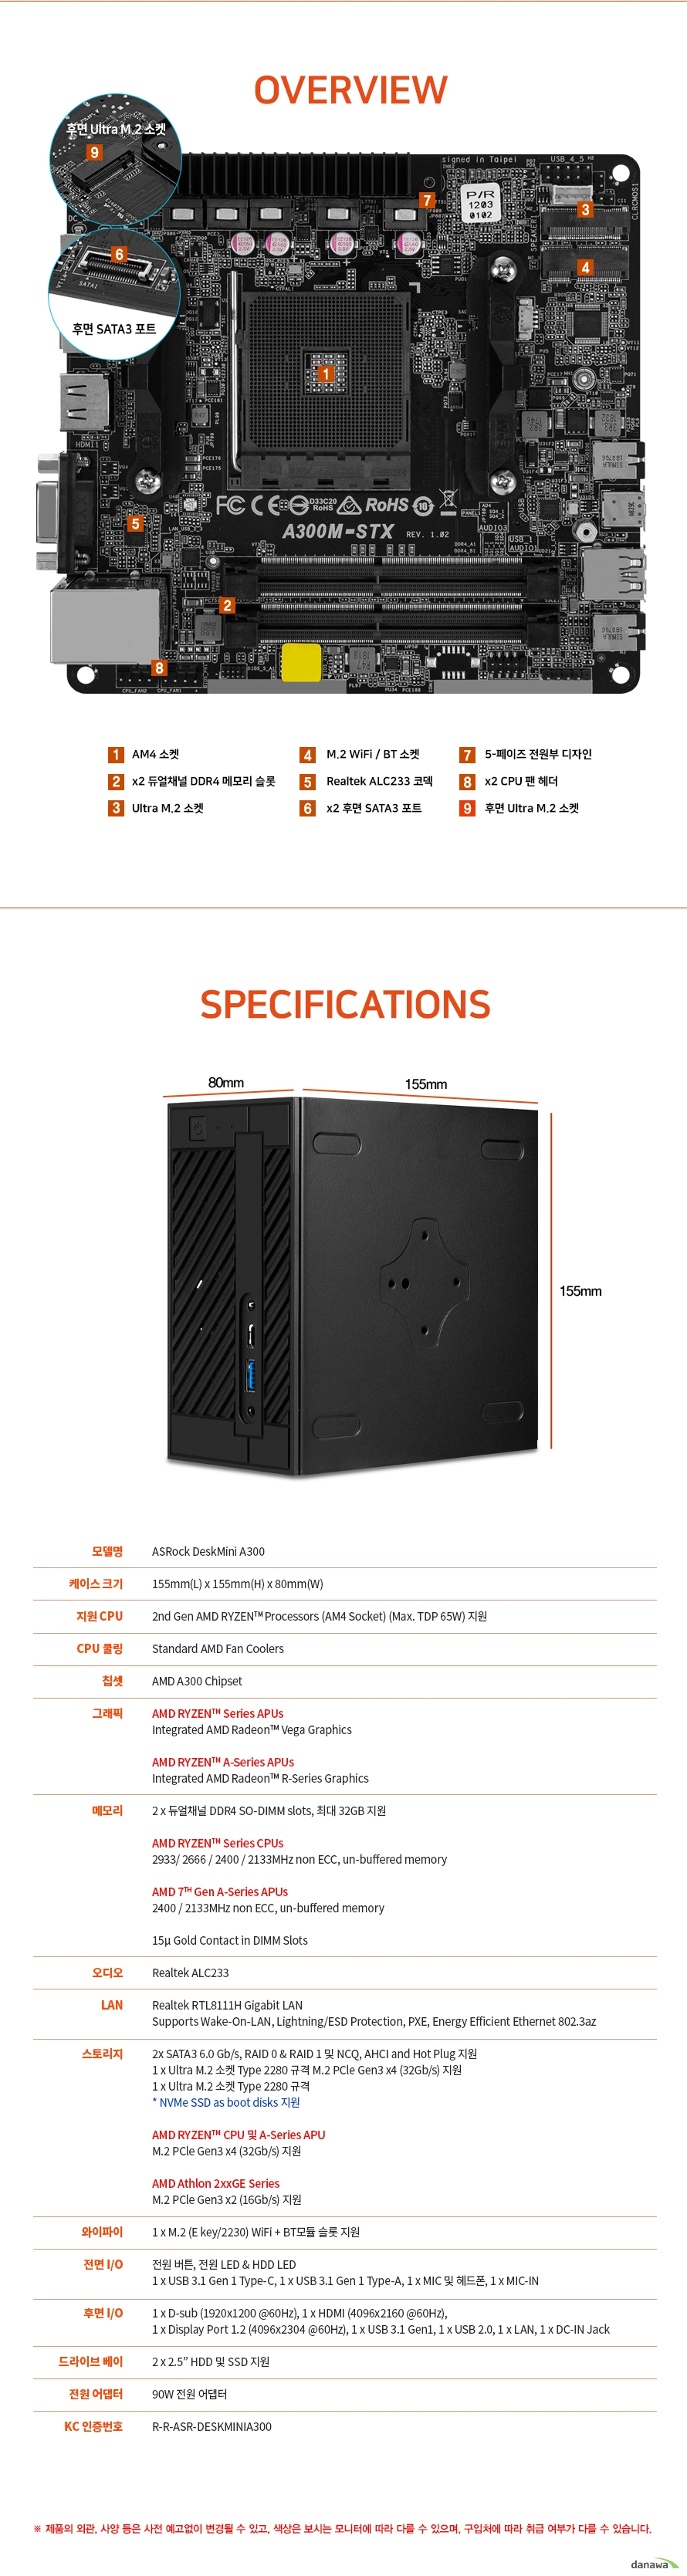 ASRock DeskMini A300 2200G 90W M2 Win10Pro (8GB, M2 256GB)